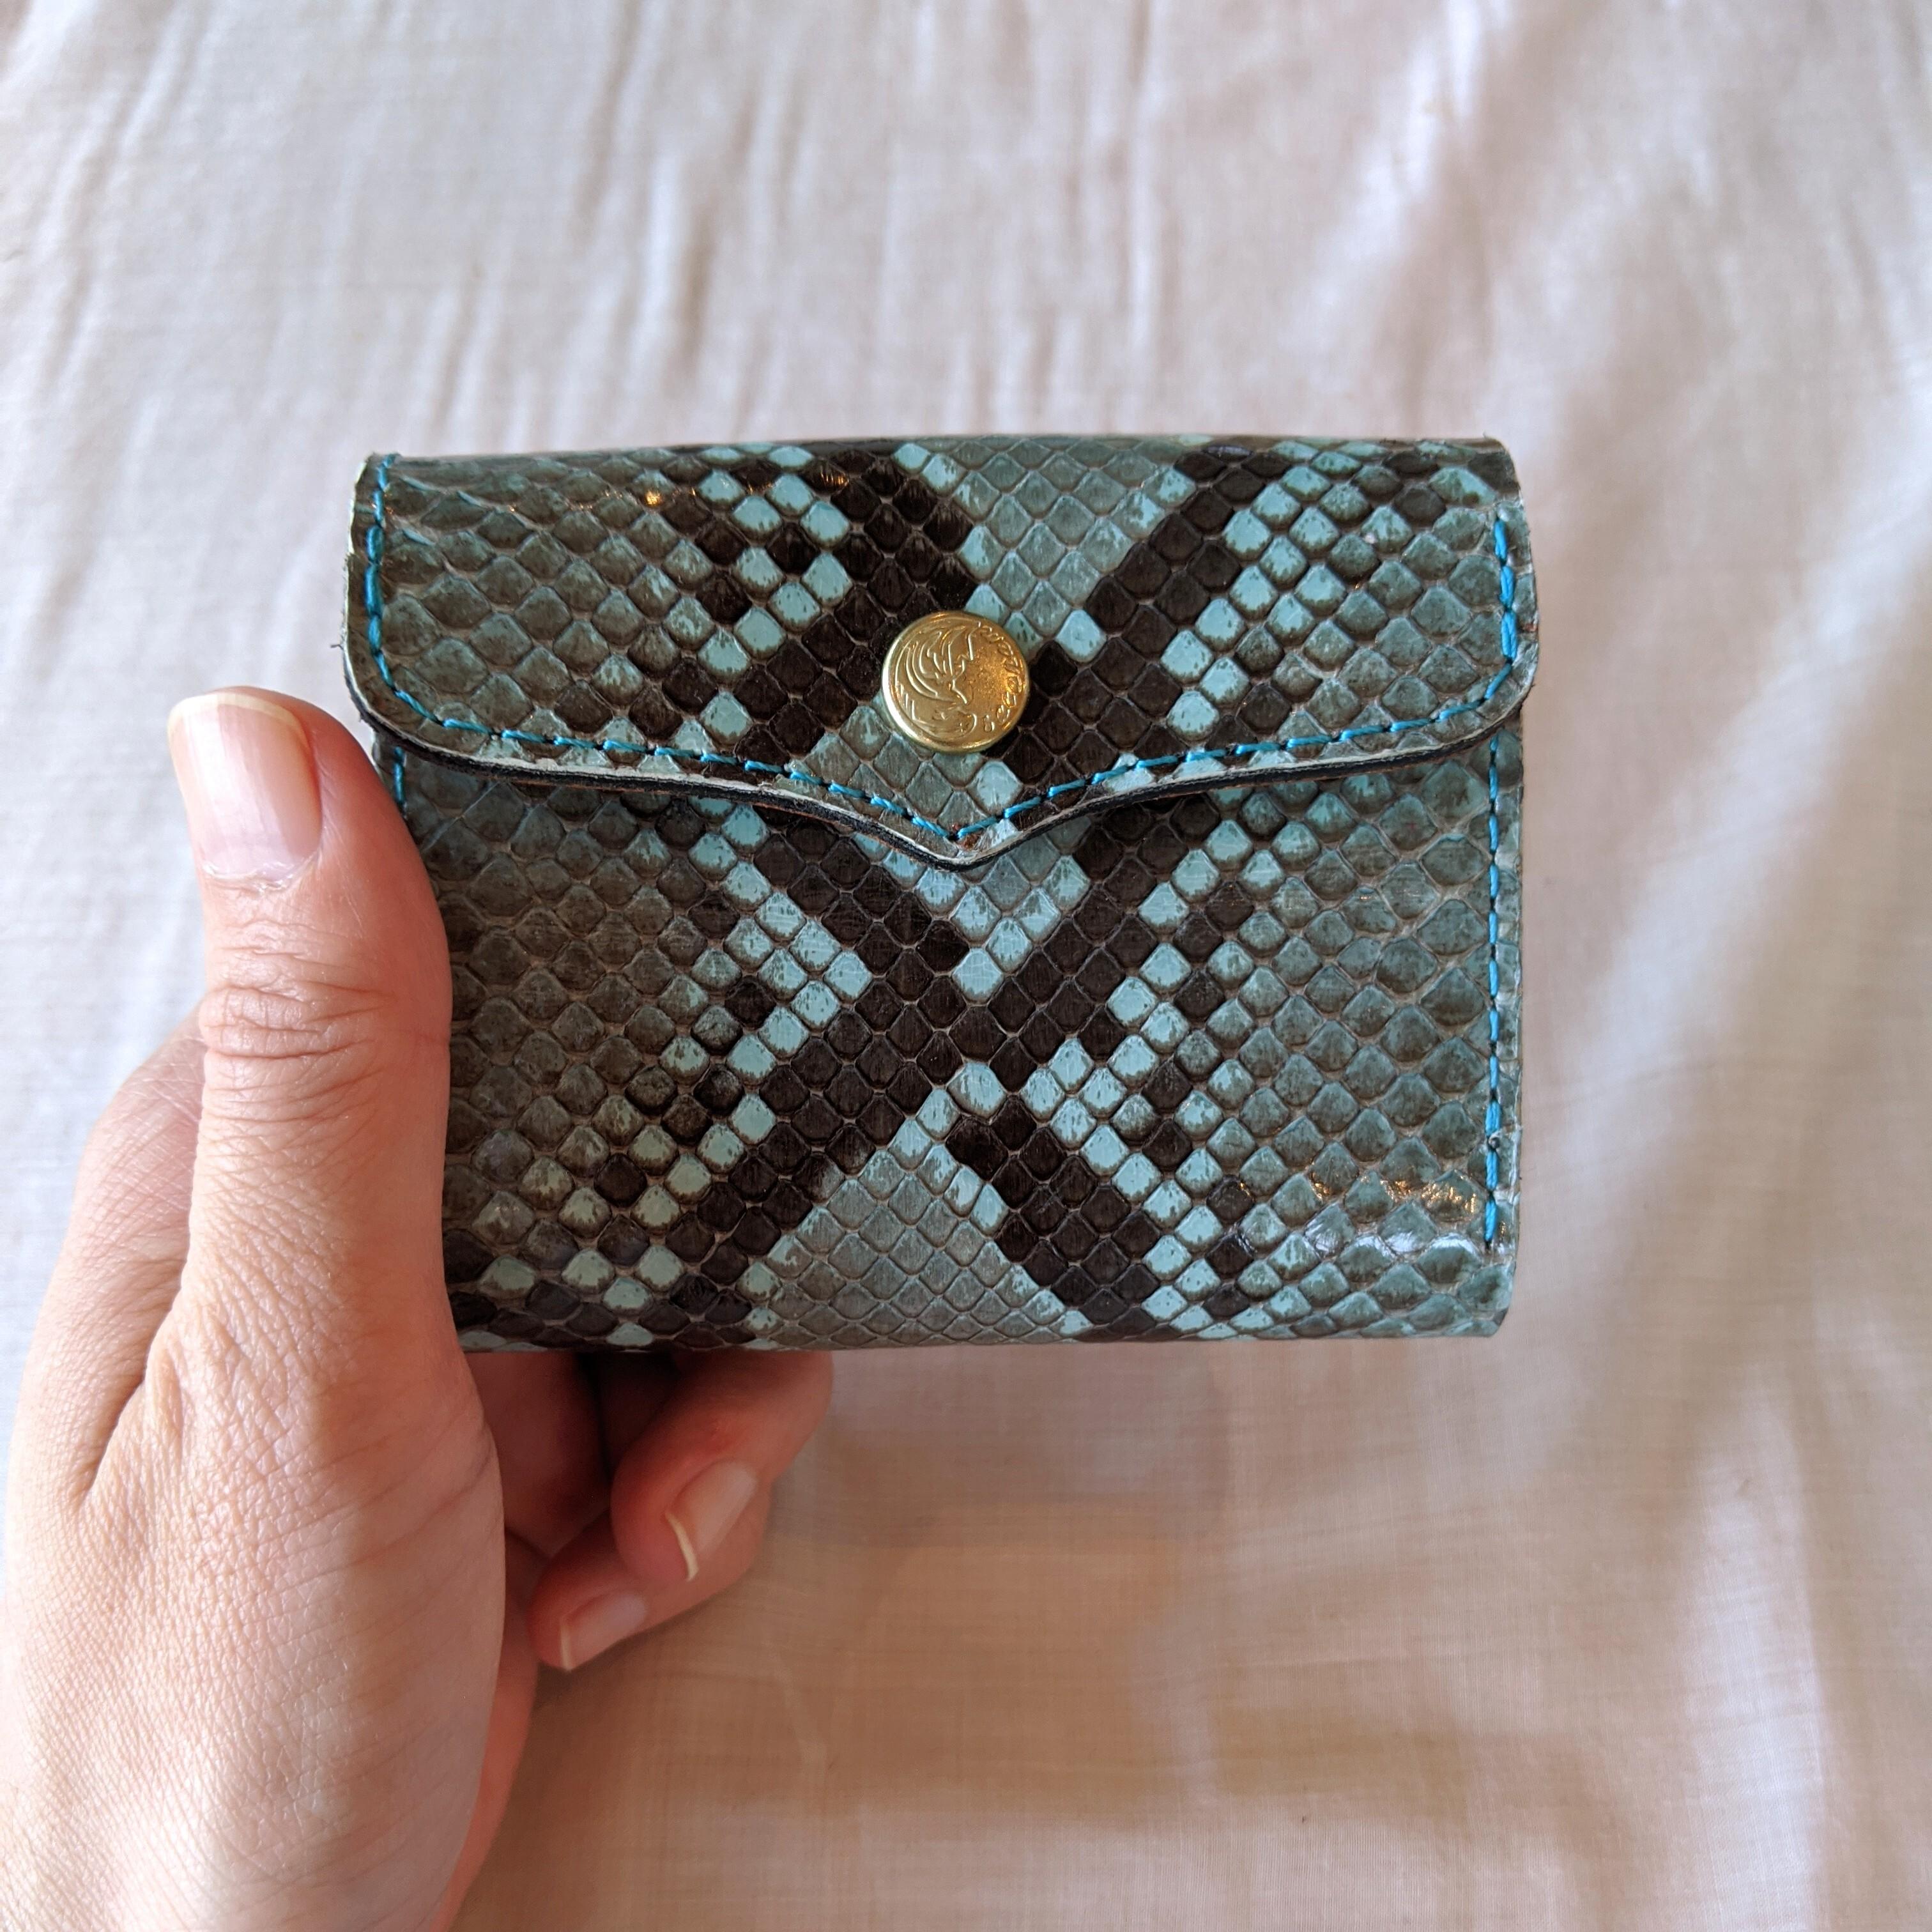 TURQUOISE【 saranam 】サラナン パイソンレザー 三つ折り財布 /python ミニ財布 ターコイズ